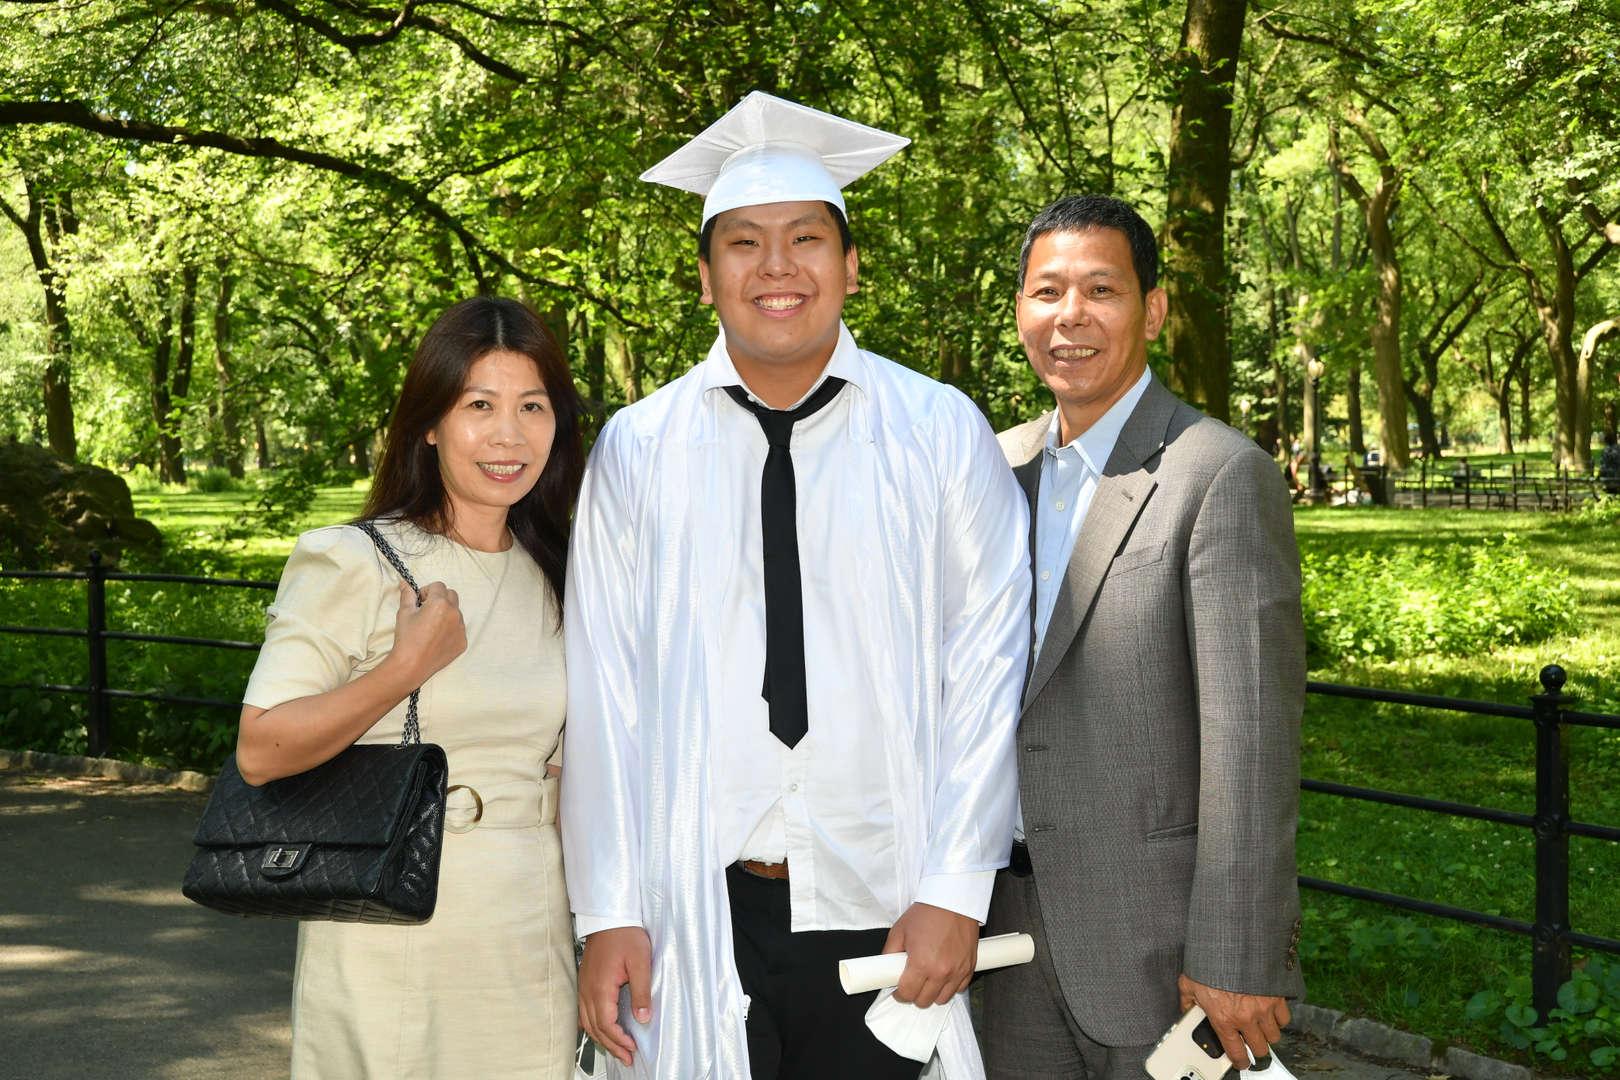 Graduate standing between parents